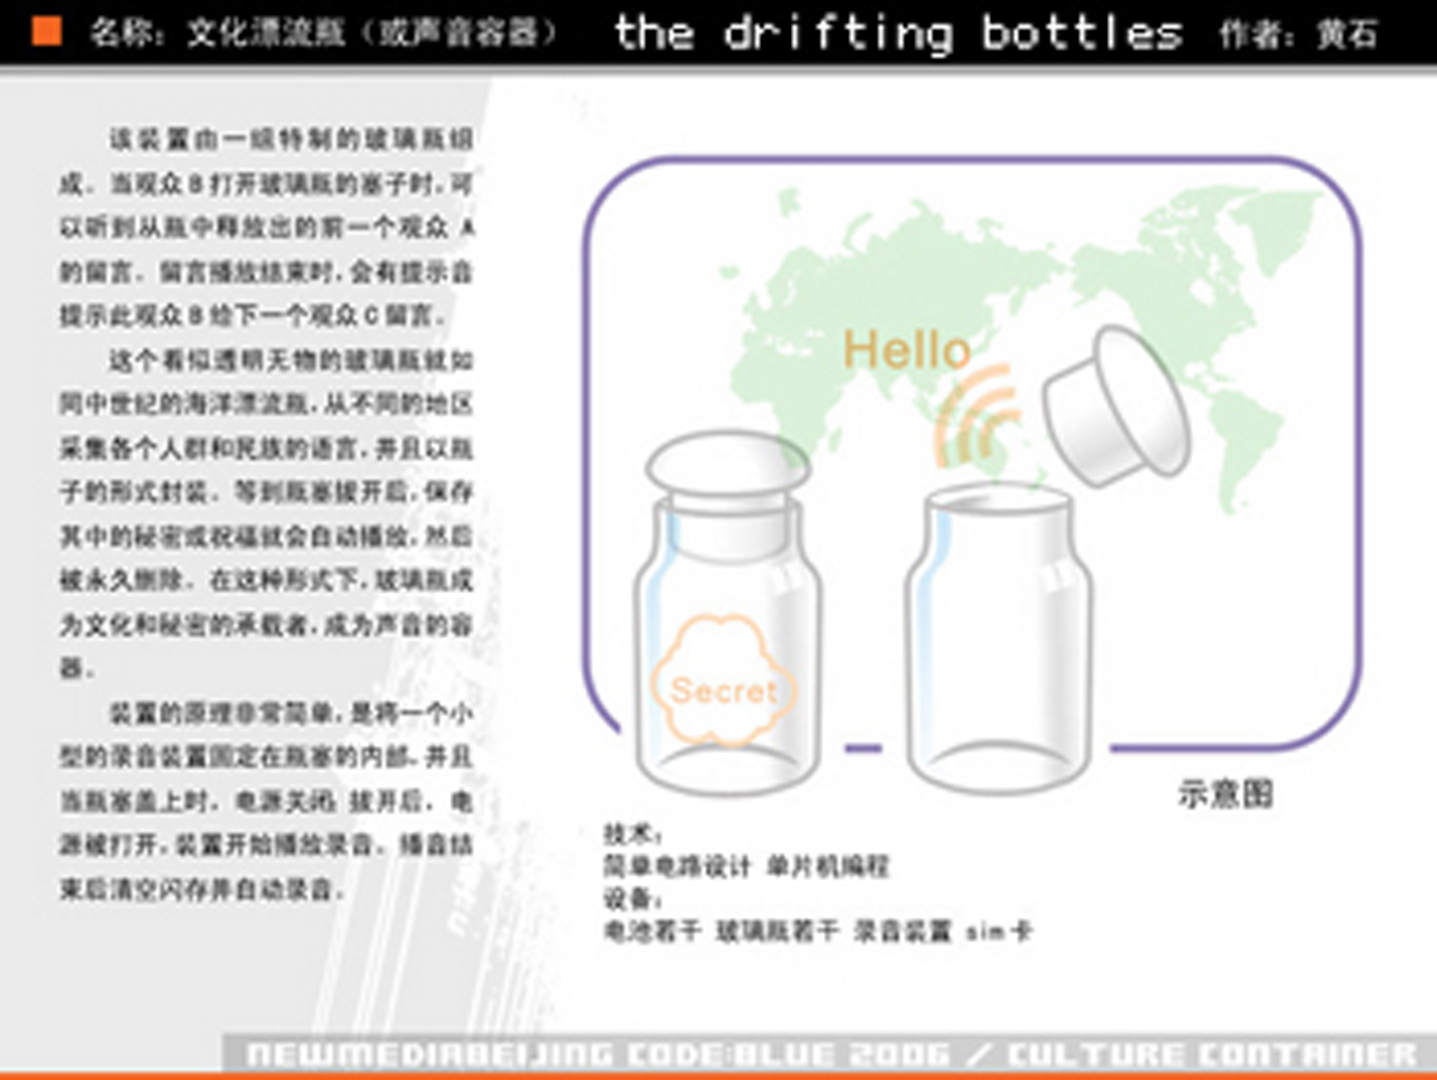 ©, Huang Shi, Drift Bottles